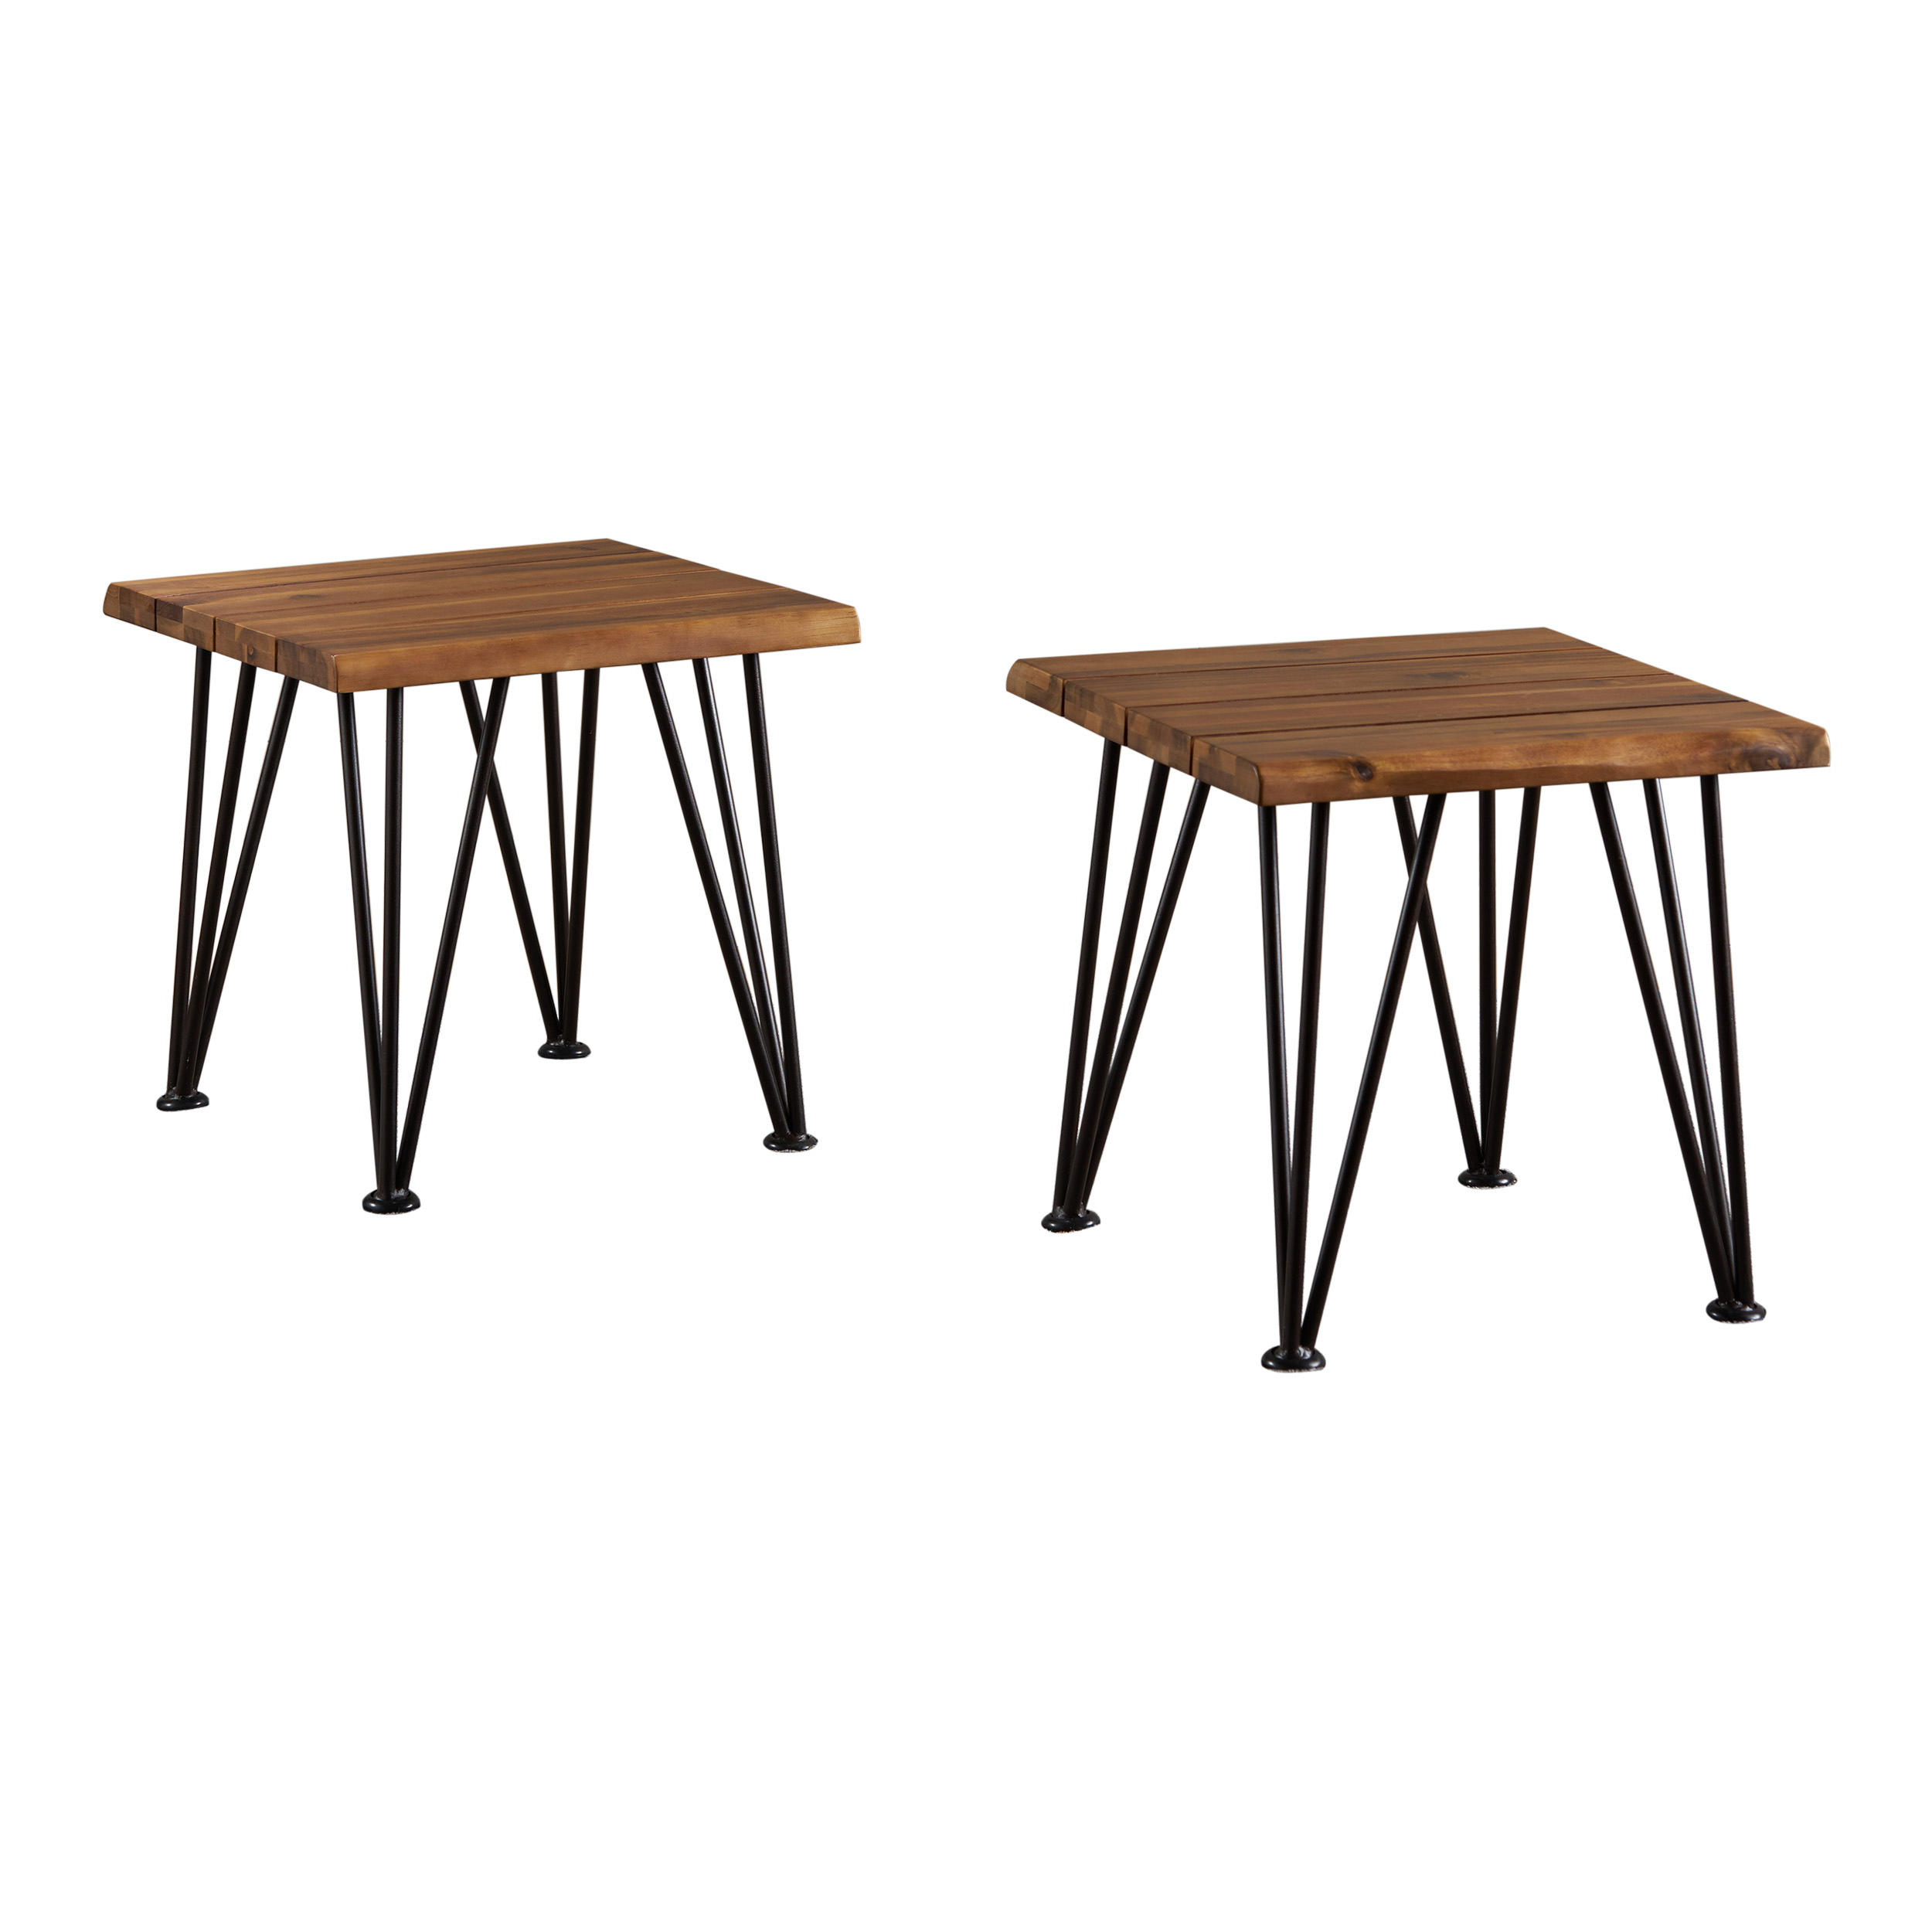 Zenith Outdoor Industrial Accent Table, Set of 2, Teak Finish, Rustic Metal